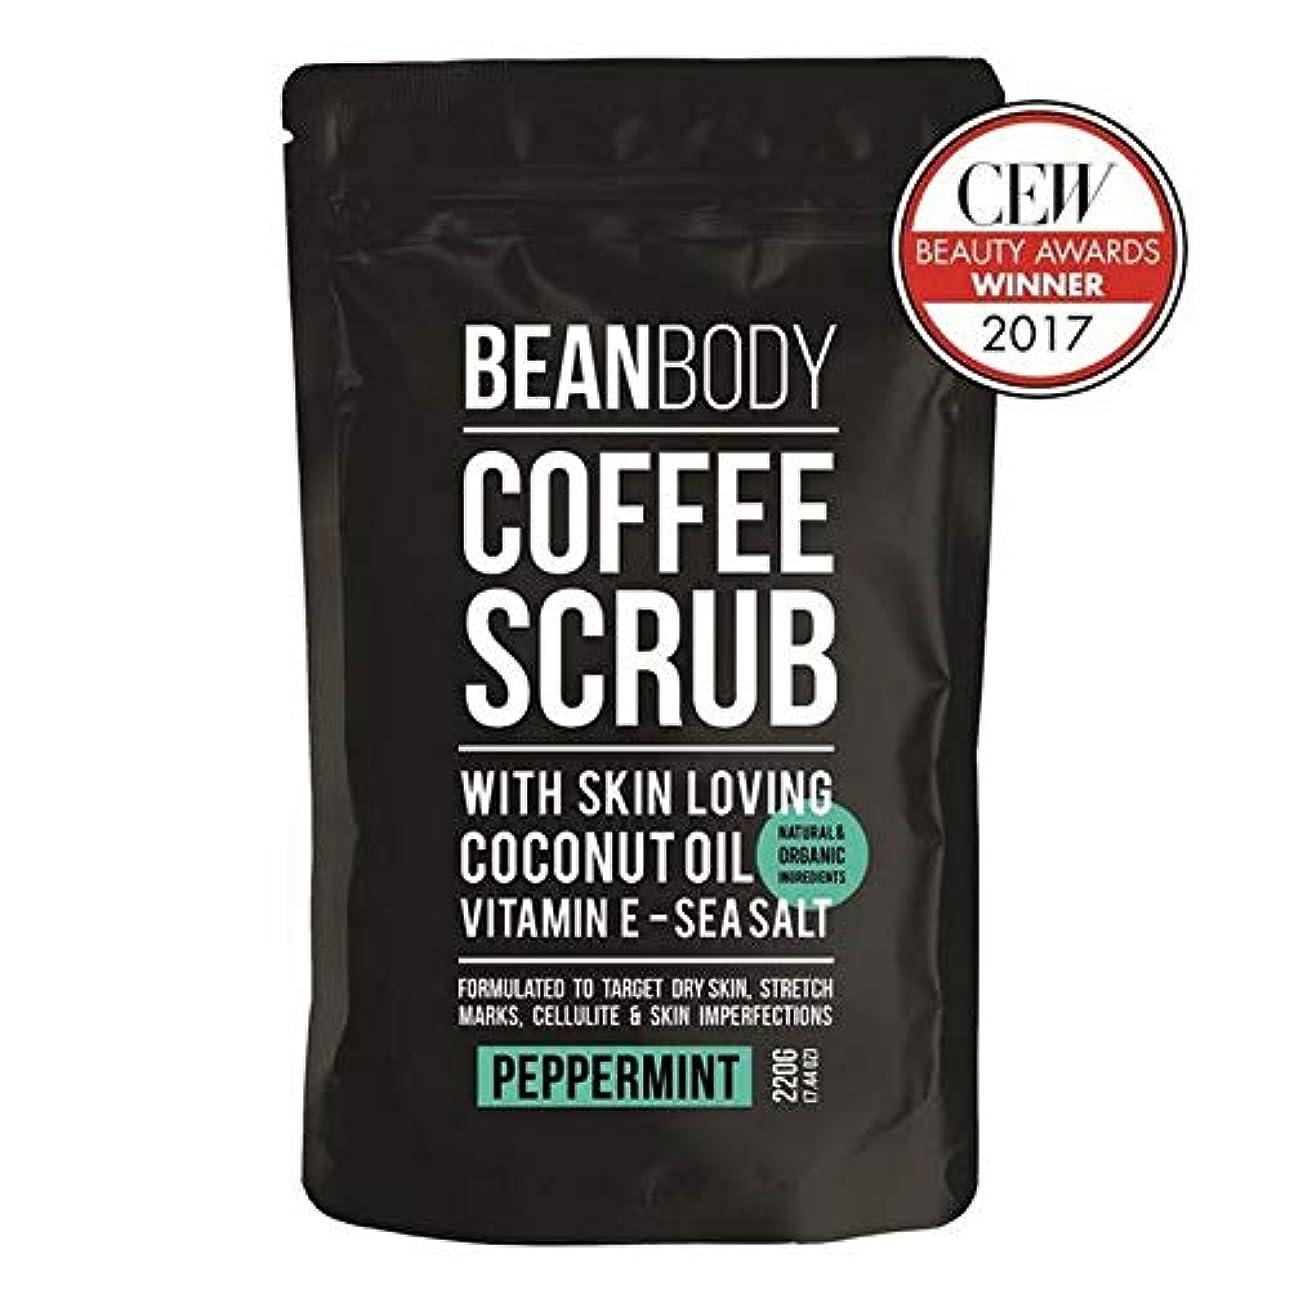 知覚的コメント交差点[Bean Body ] 豆のボディコーヒースクラブ、ペパーミント220グラム - Bean Body Coffee Scrub, Peppermint 220g [並行輸入品]